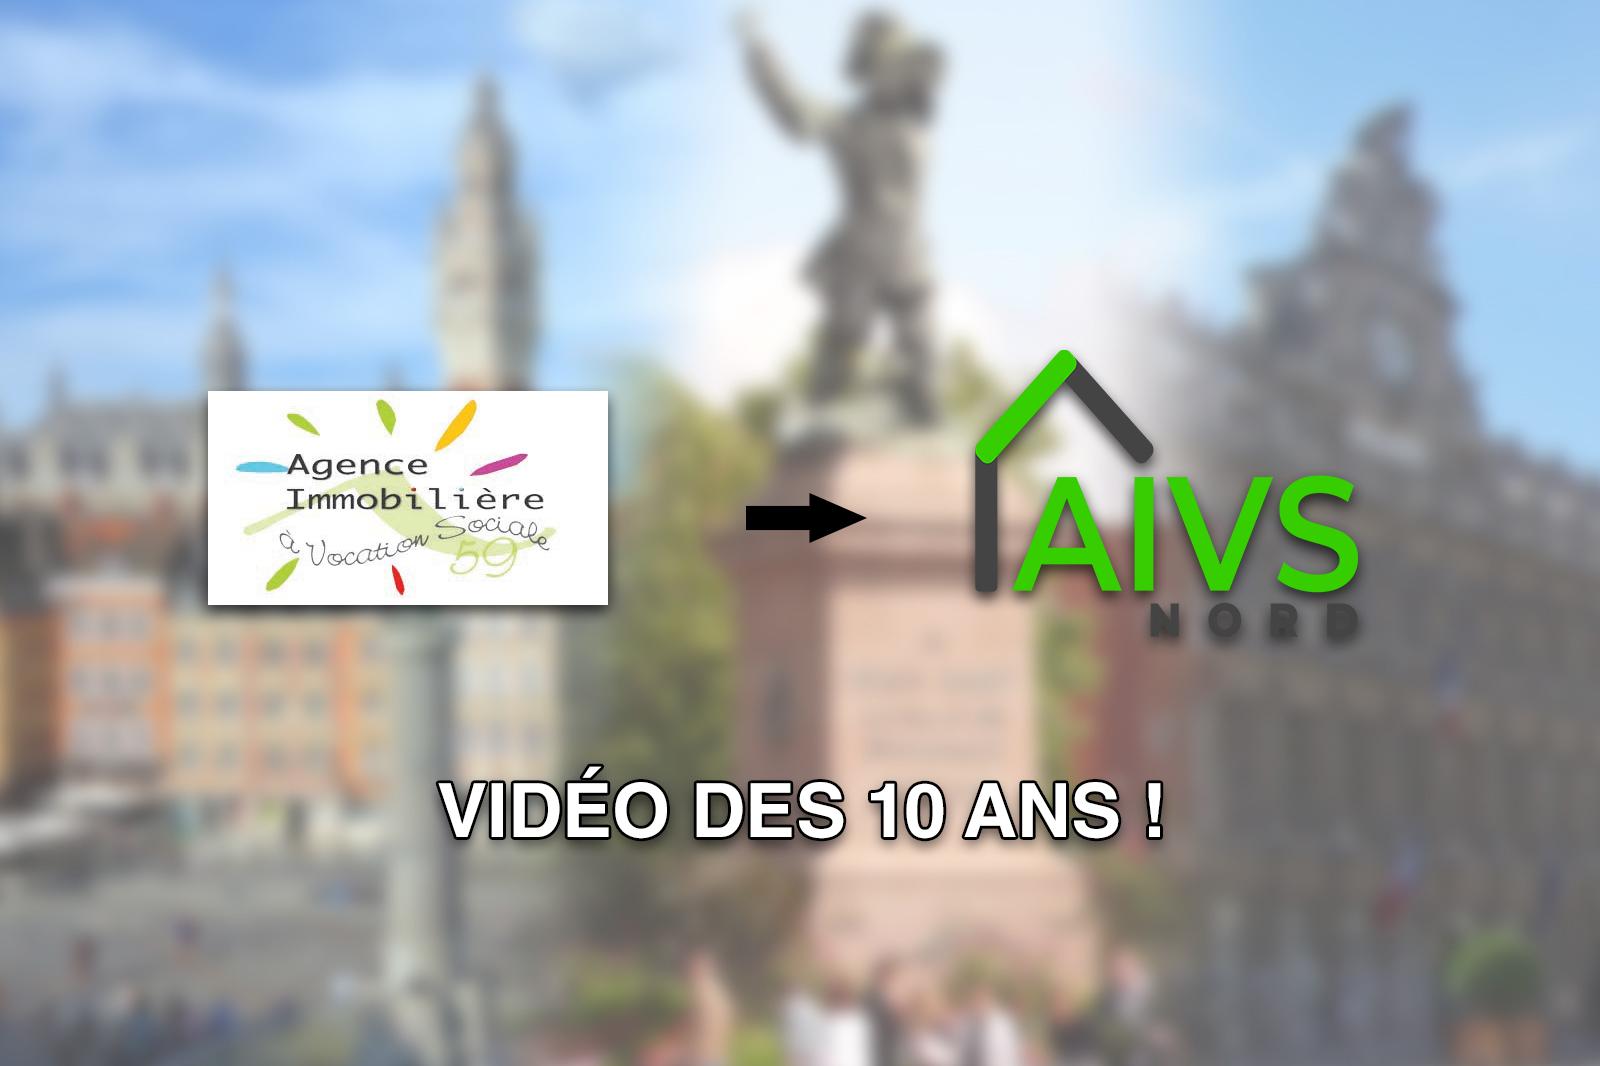 AIVS du Nord : 10 ans (déjà !)